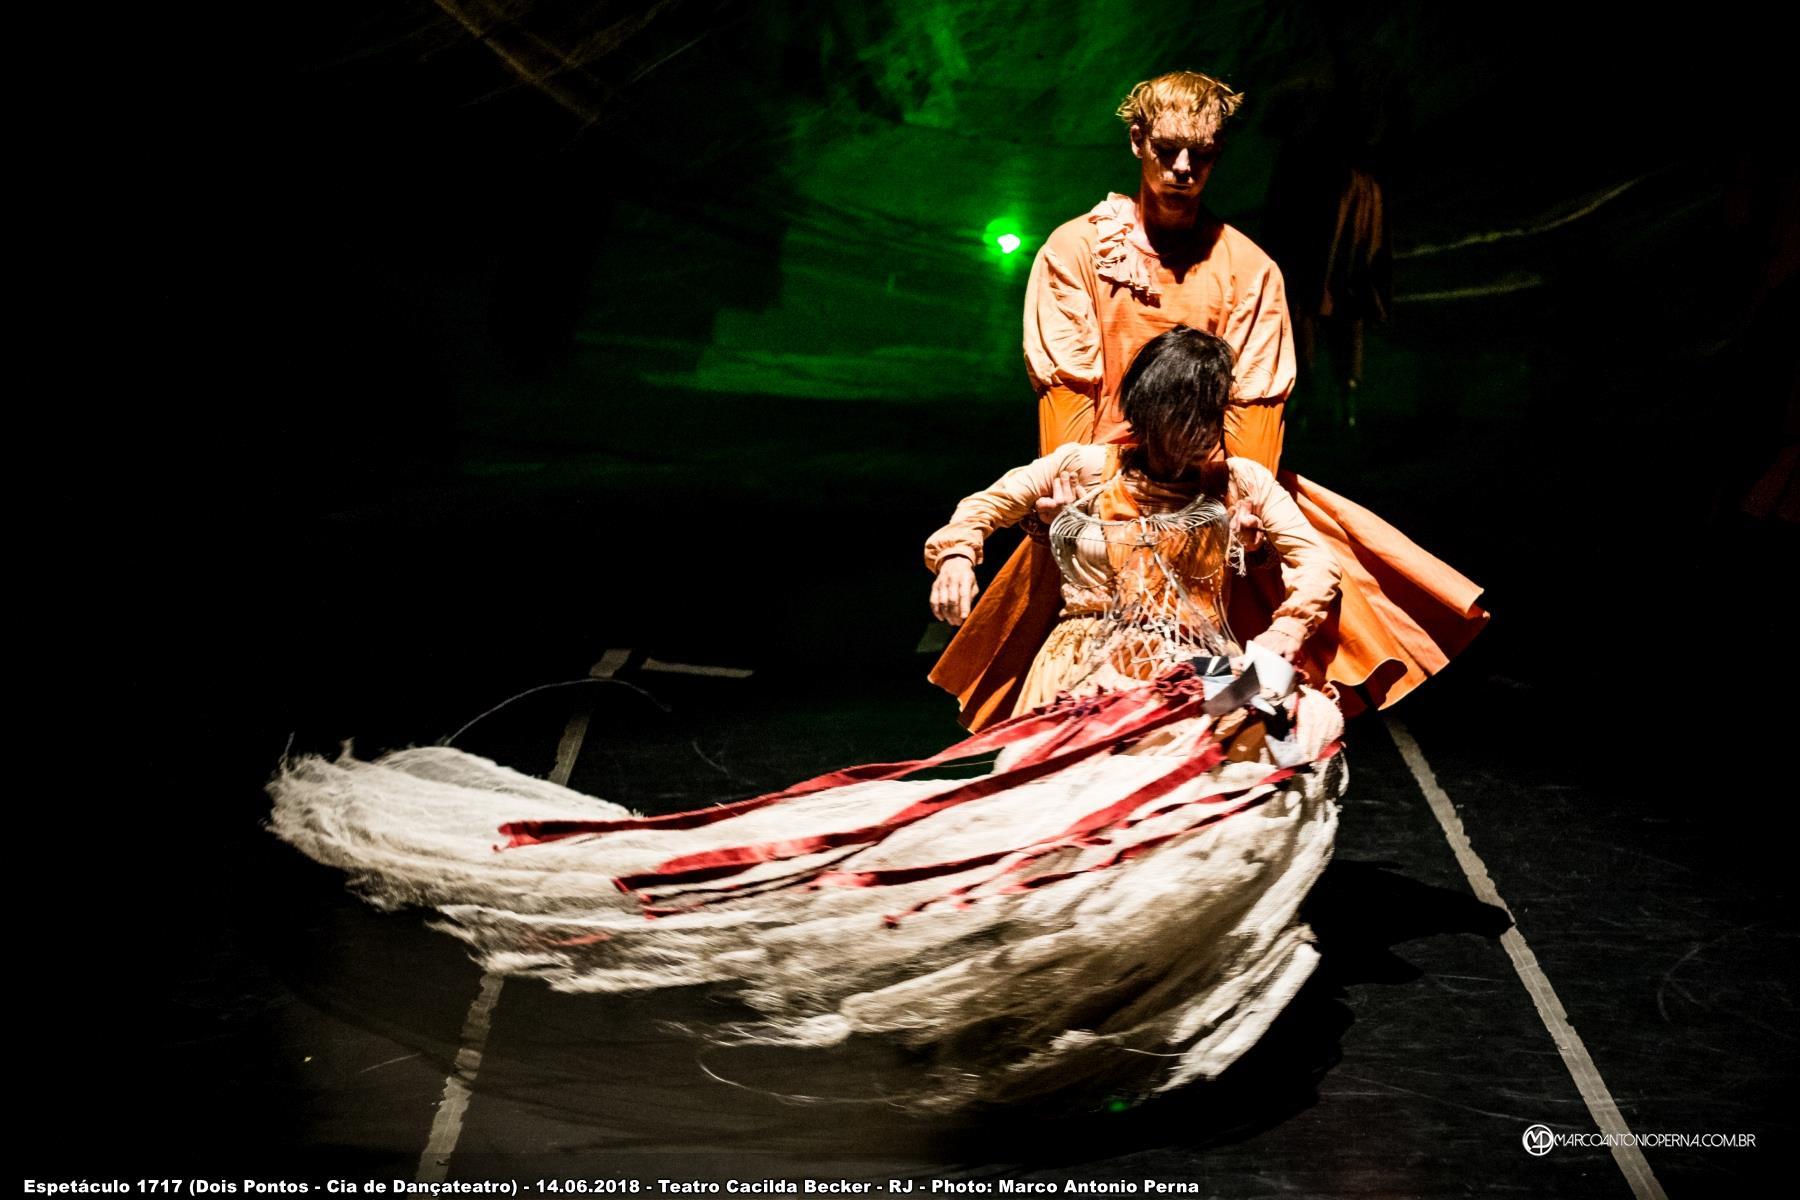 14 e 15 de junho de 2018 - Teatro Cacilda Becker - RJ